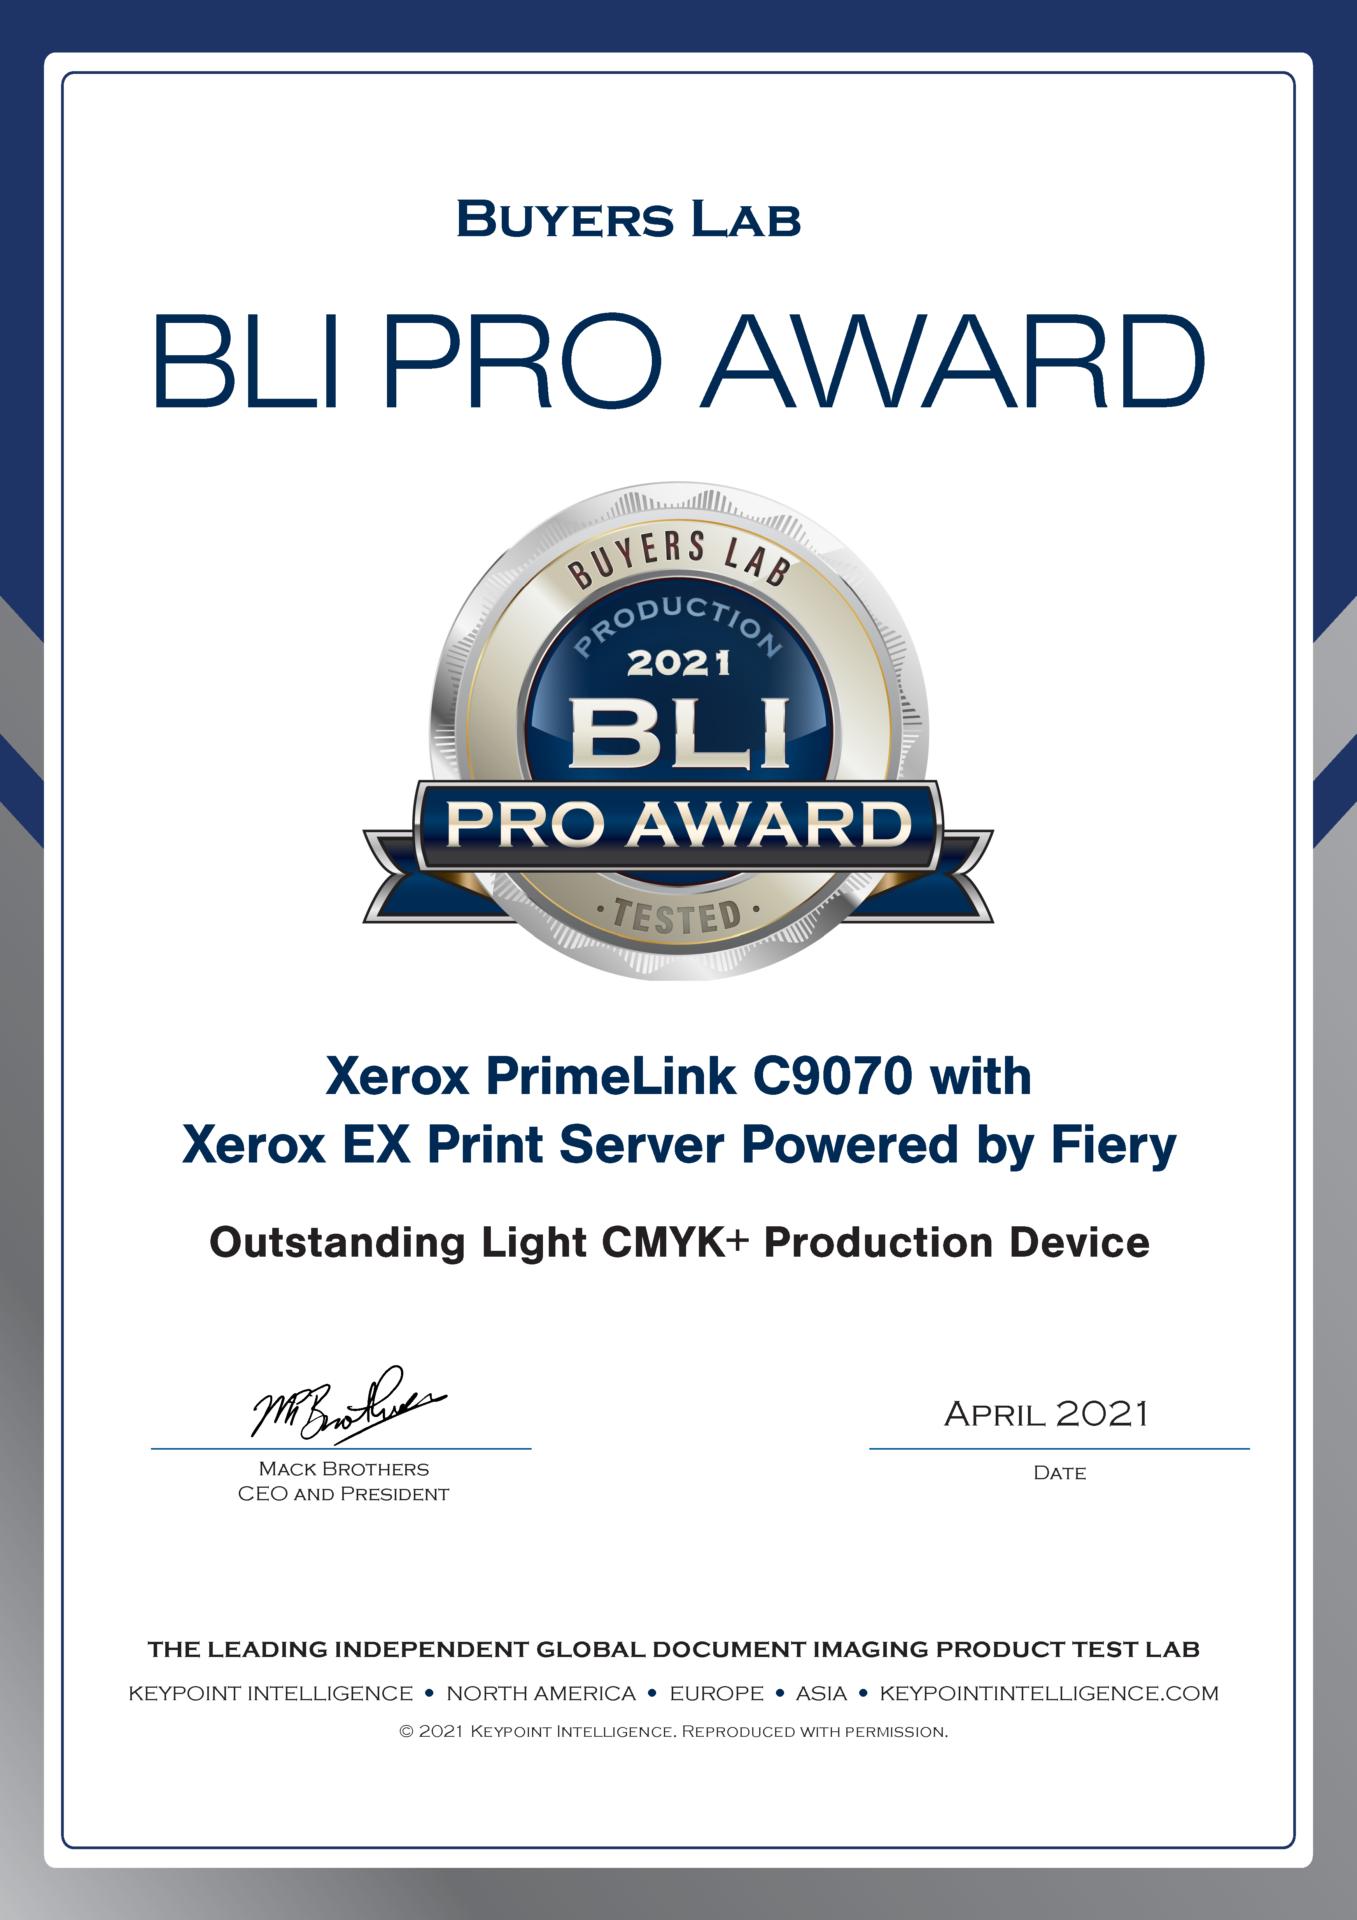 BLI-Pro-Award-2021-Certificate-PrimeLink-C9070